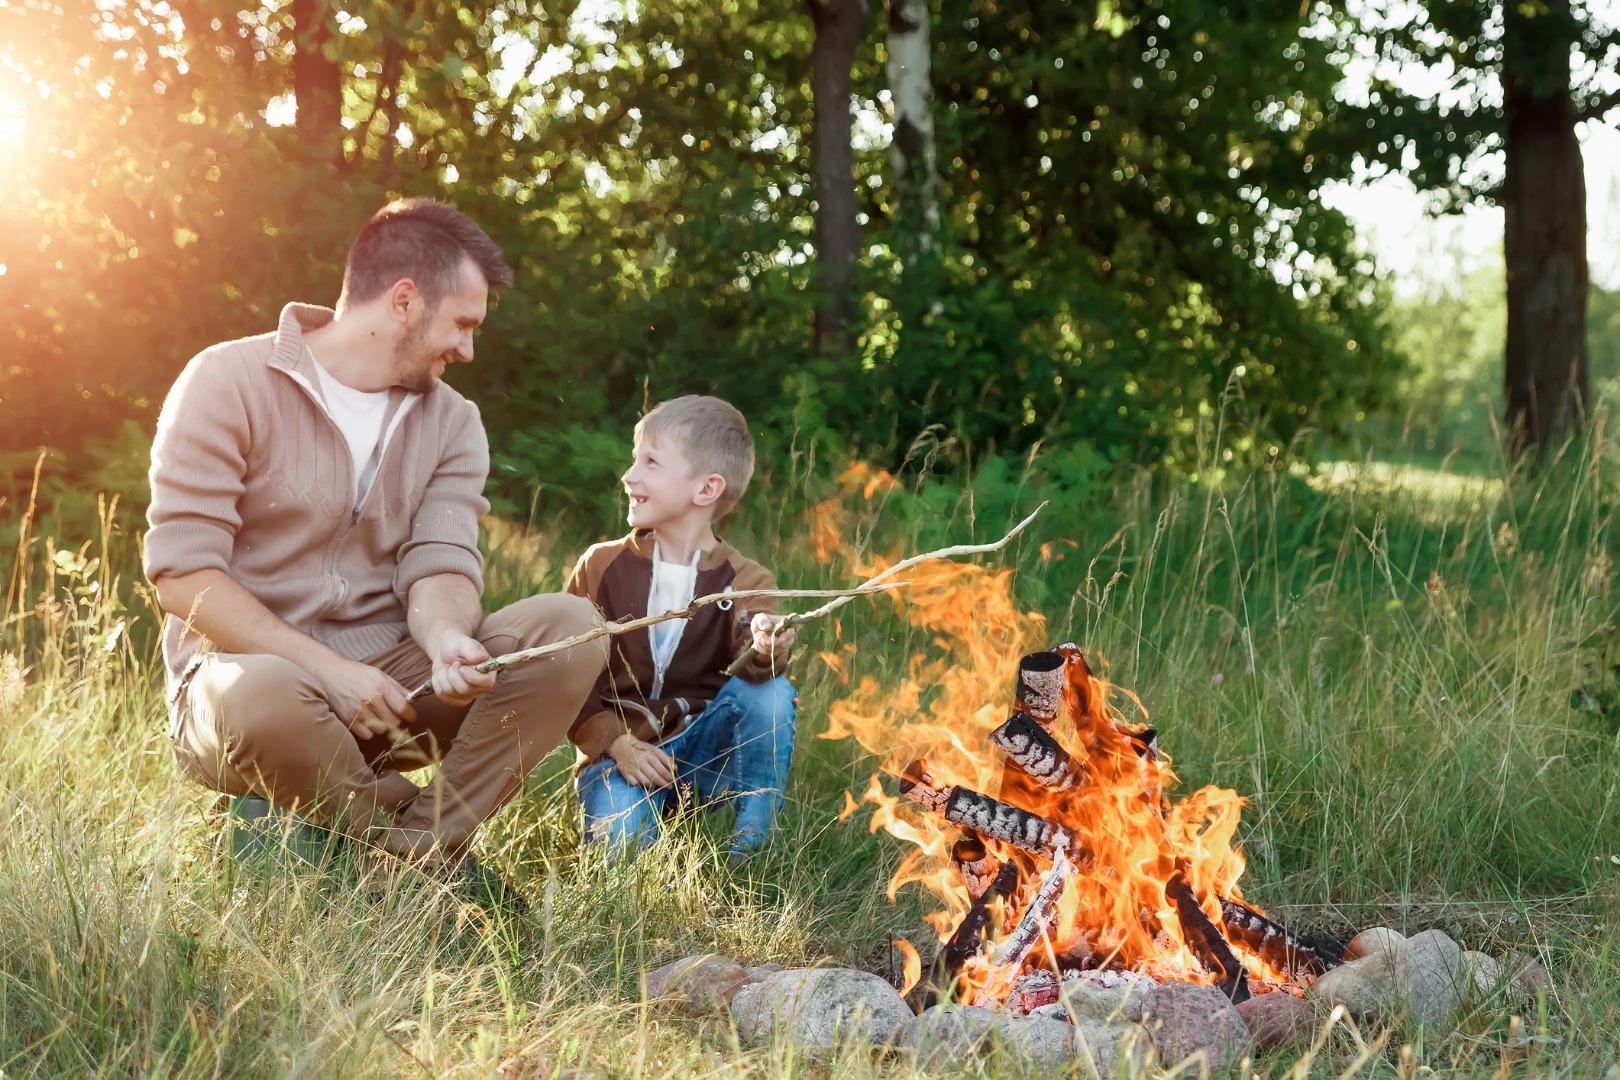 Acampar con un niño: lo que necesitas saber